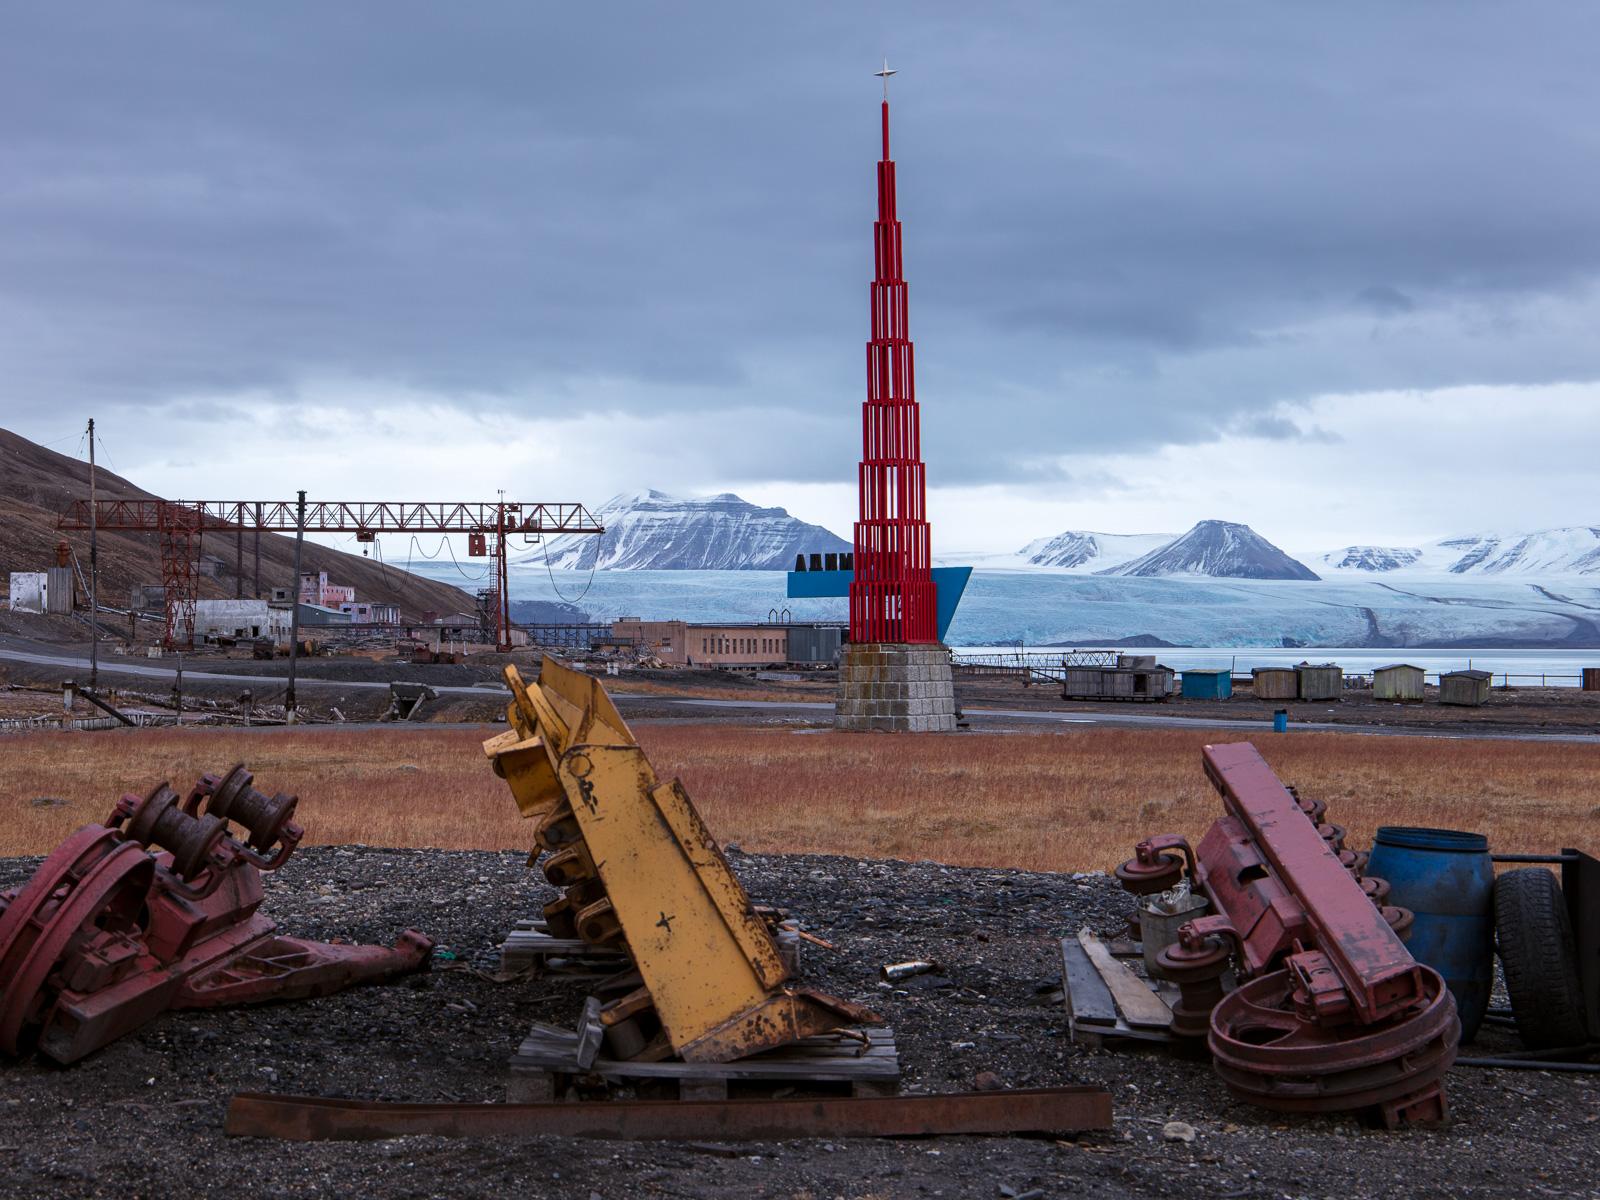 Svalbard_Spitsbergen_Pyramiden-20